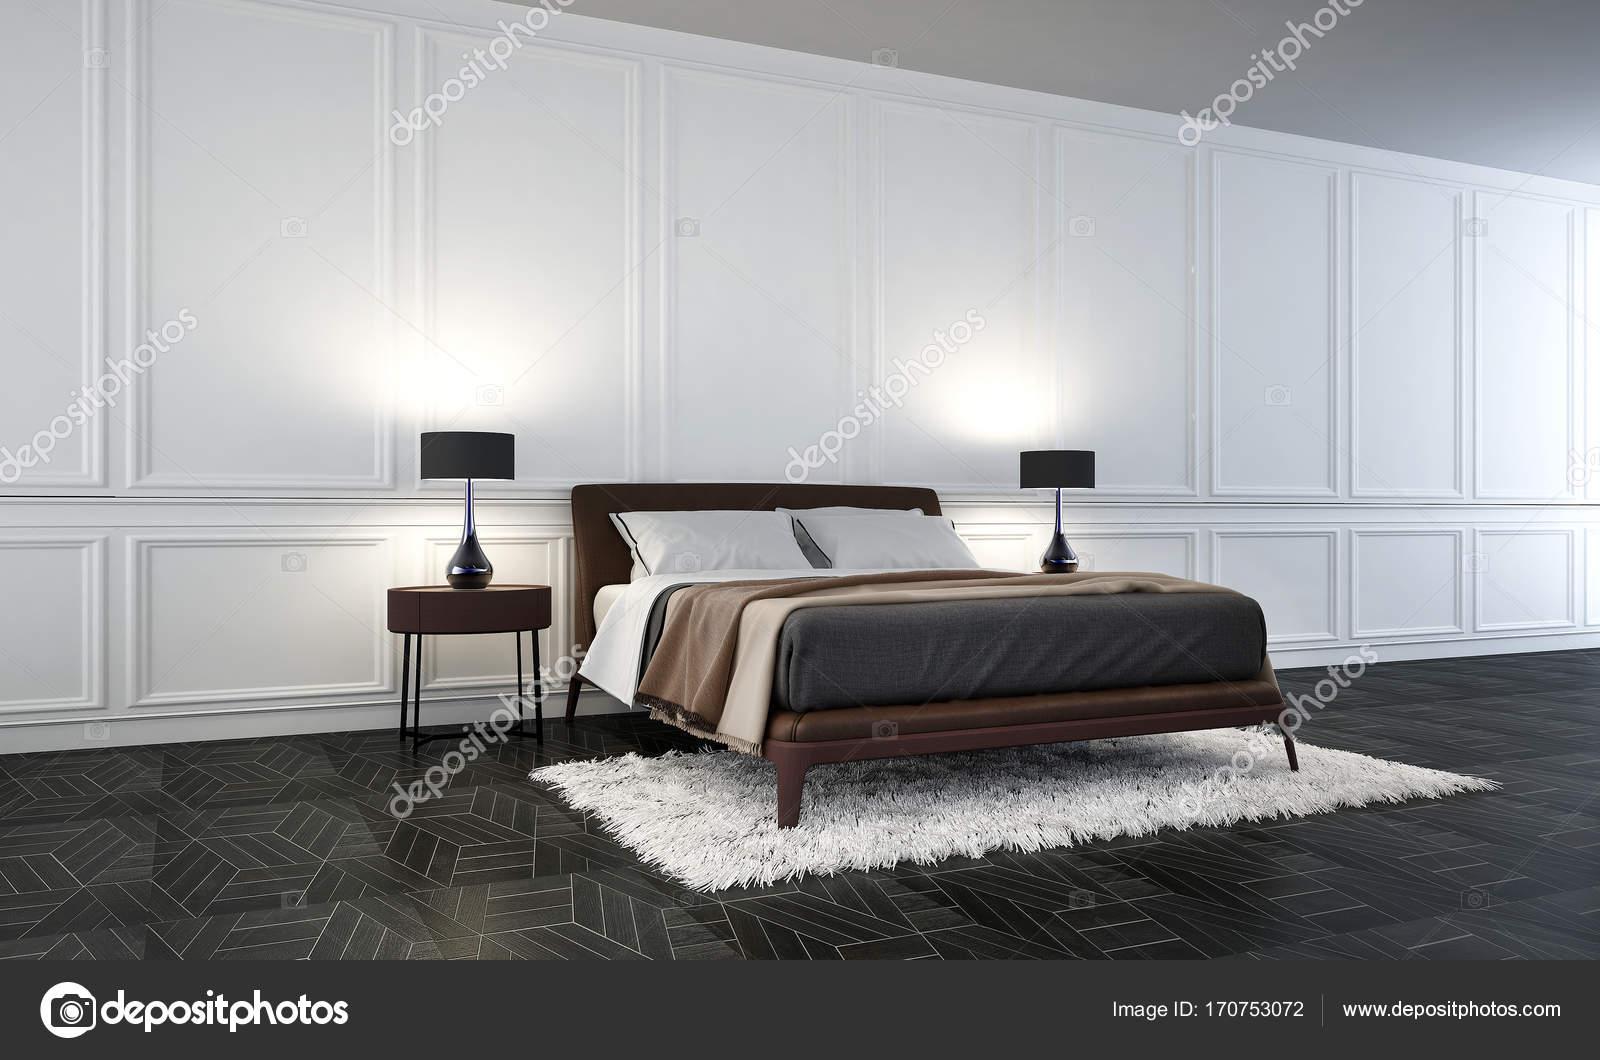 Die Schlafzimmer-Innenarchitektur und weißen Wand Muster Hintergrund ...